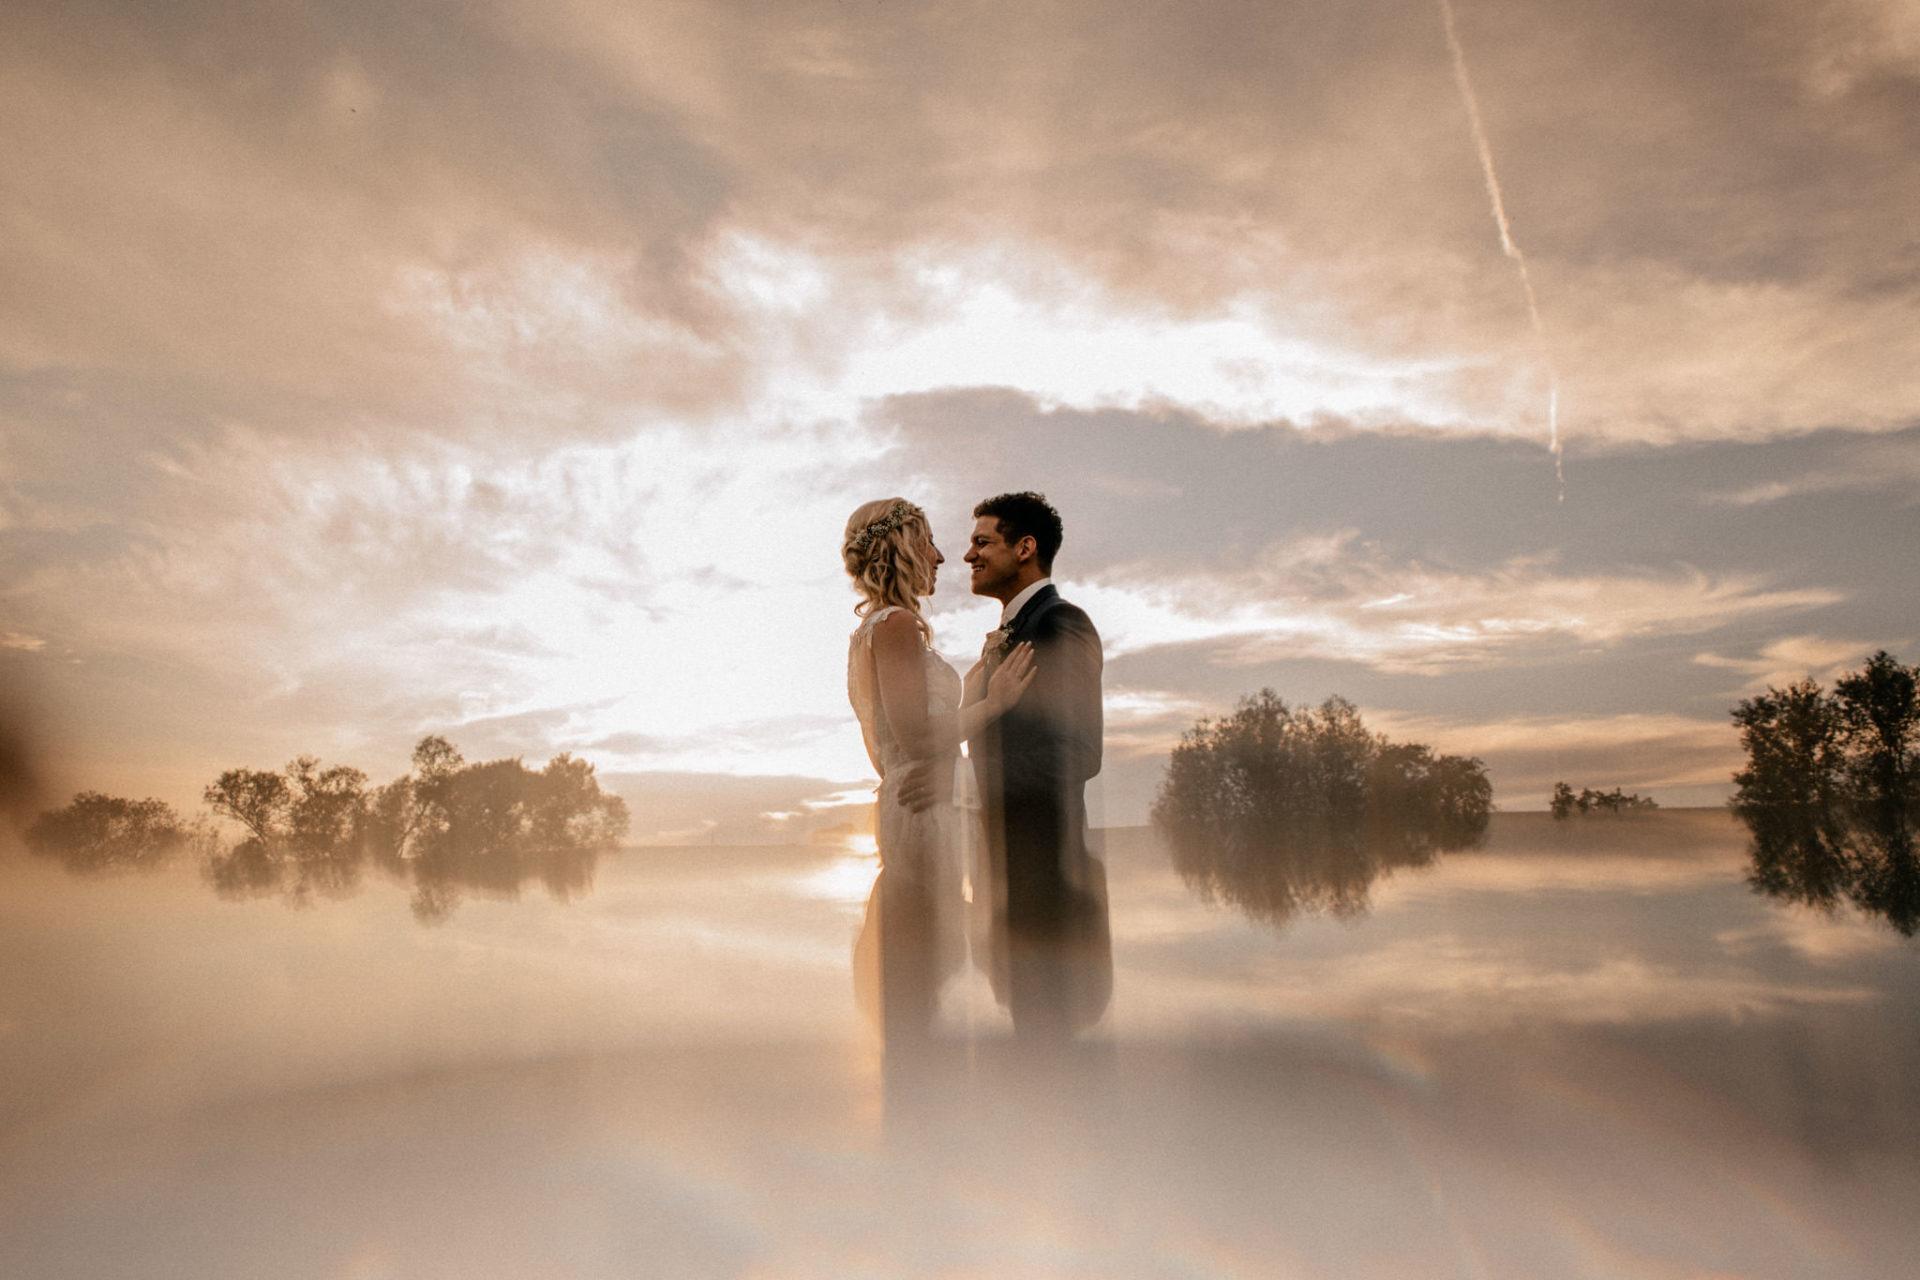 wedding photographer suttgart-reception water castle Erkenbrechtshausen Crailsheim-bridal portrait-summerwedding germany